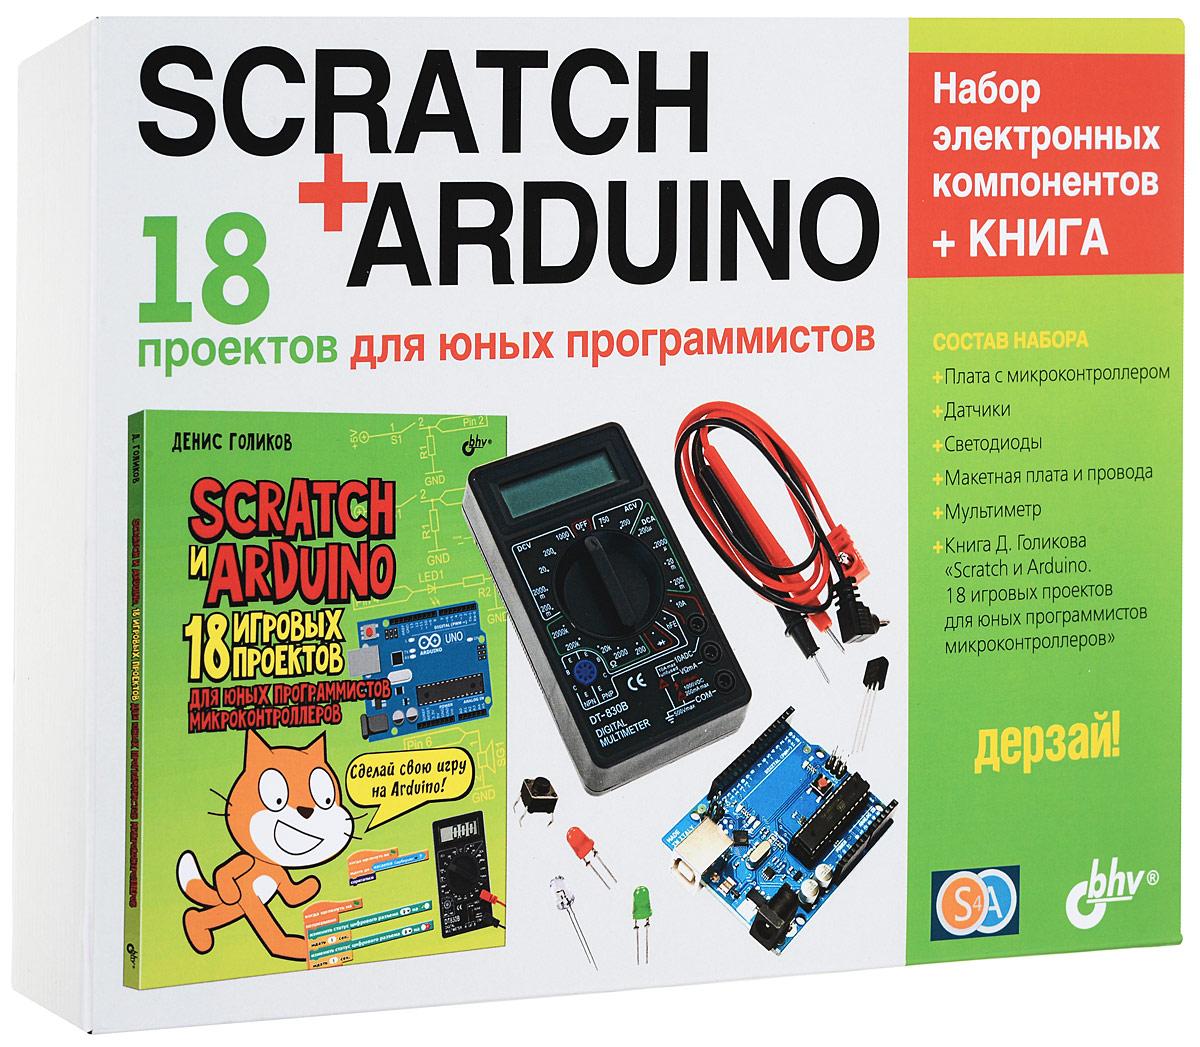 Д. Голиков Дерзай! Наборы по электронике. Scratch+Arduino. 18 проектов для юных программистов + КНИГА цена 2017